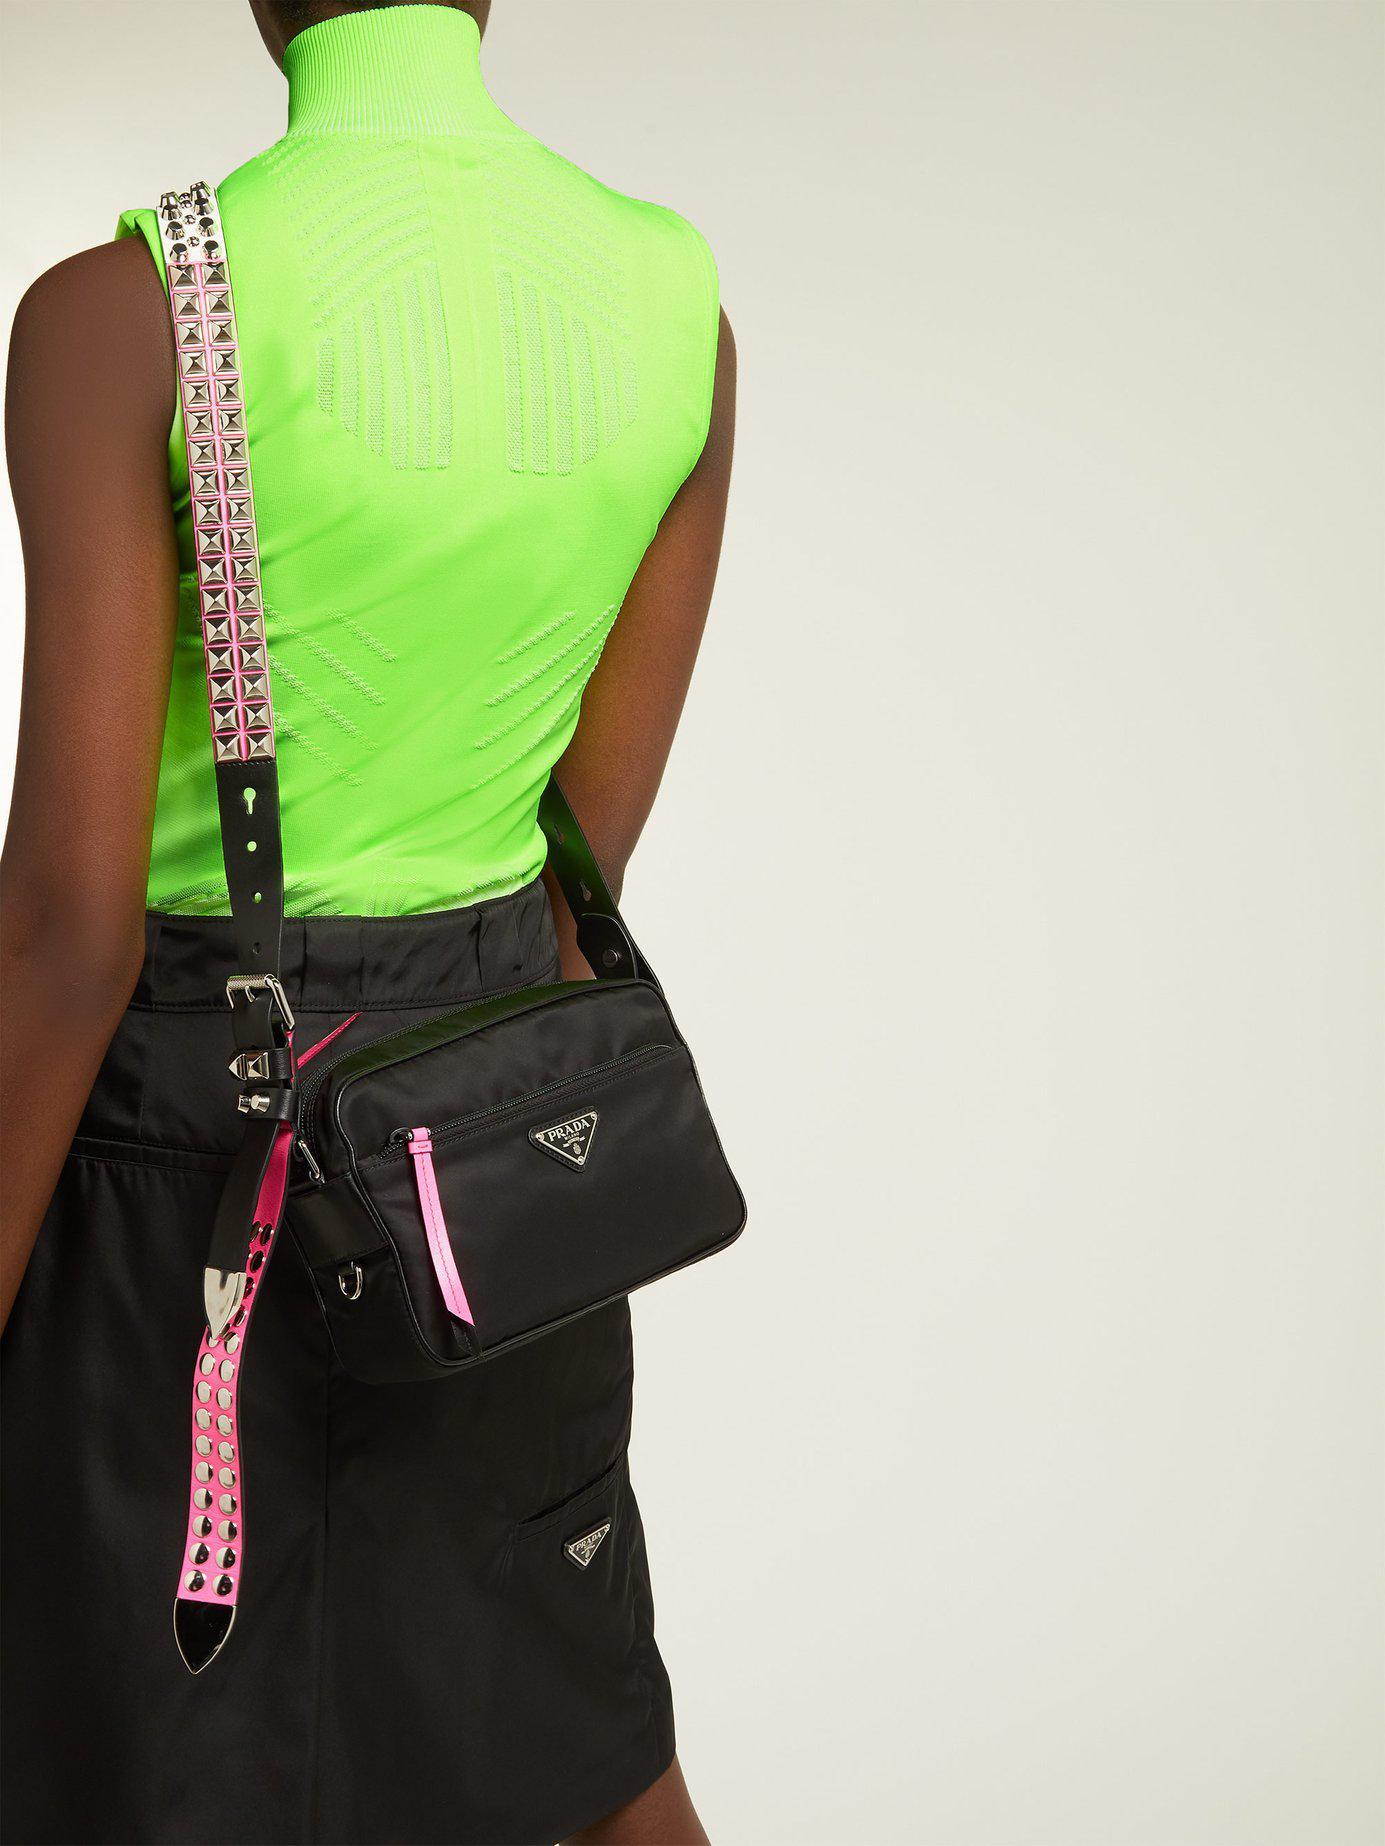 d7fdb7fb8e0d89 Prada New Vela Studded Nylon Shoulder Bag in Black - Lyst